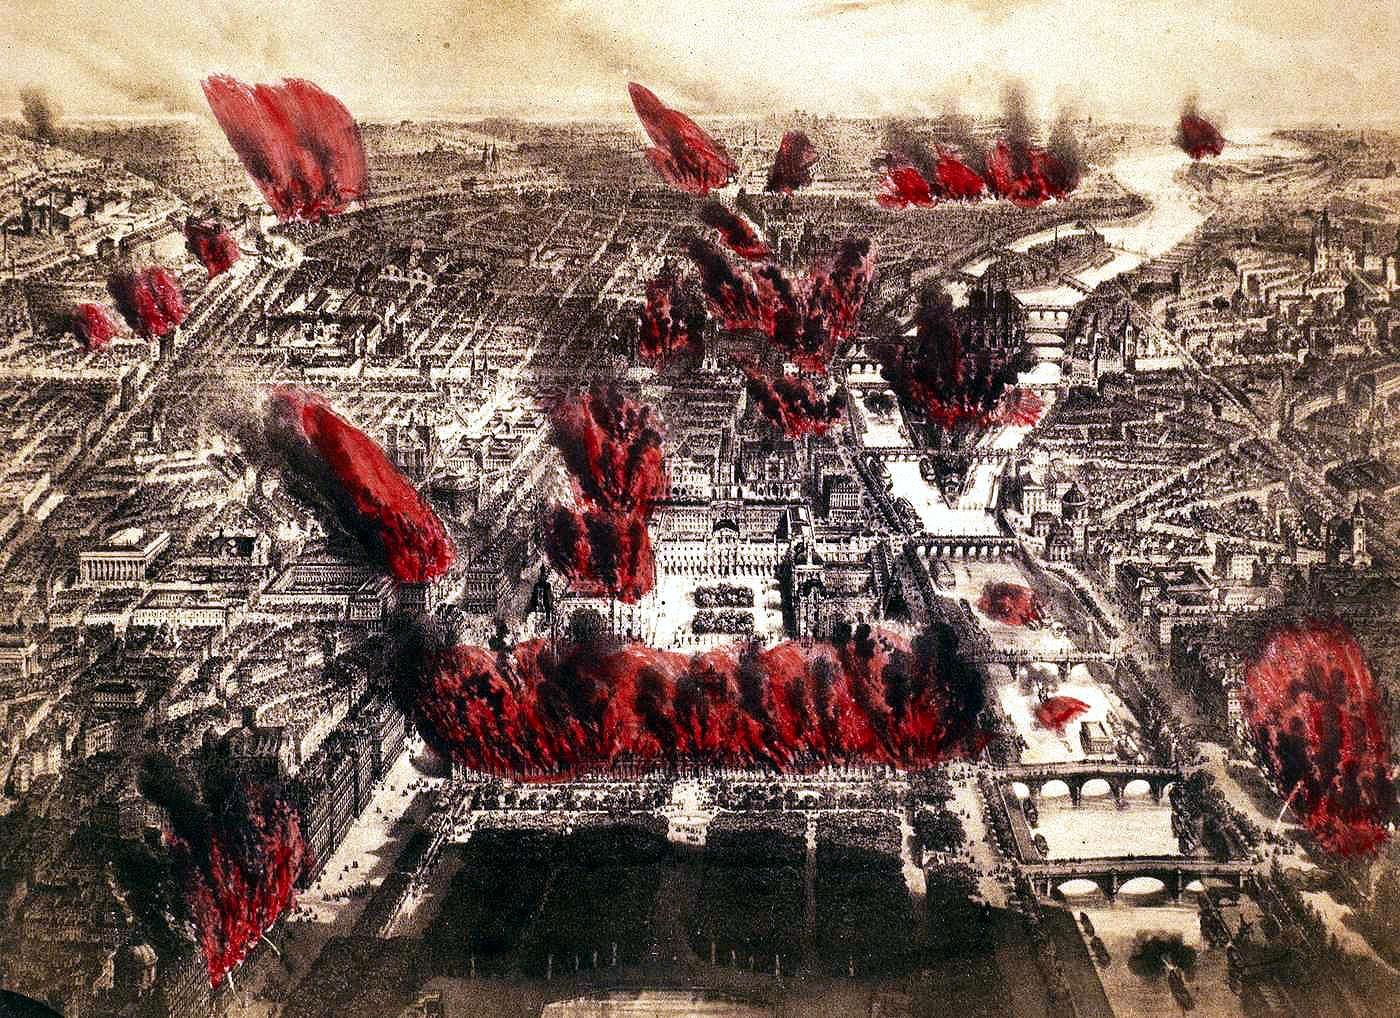 París incendiat durant la Setmana Sagnant segons un gravat de l'època